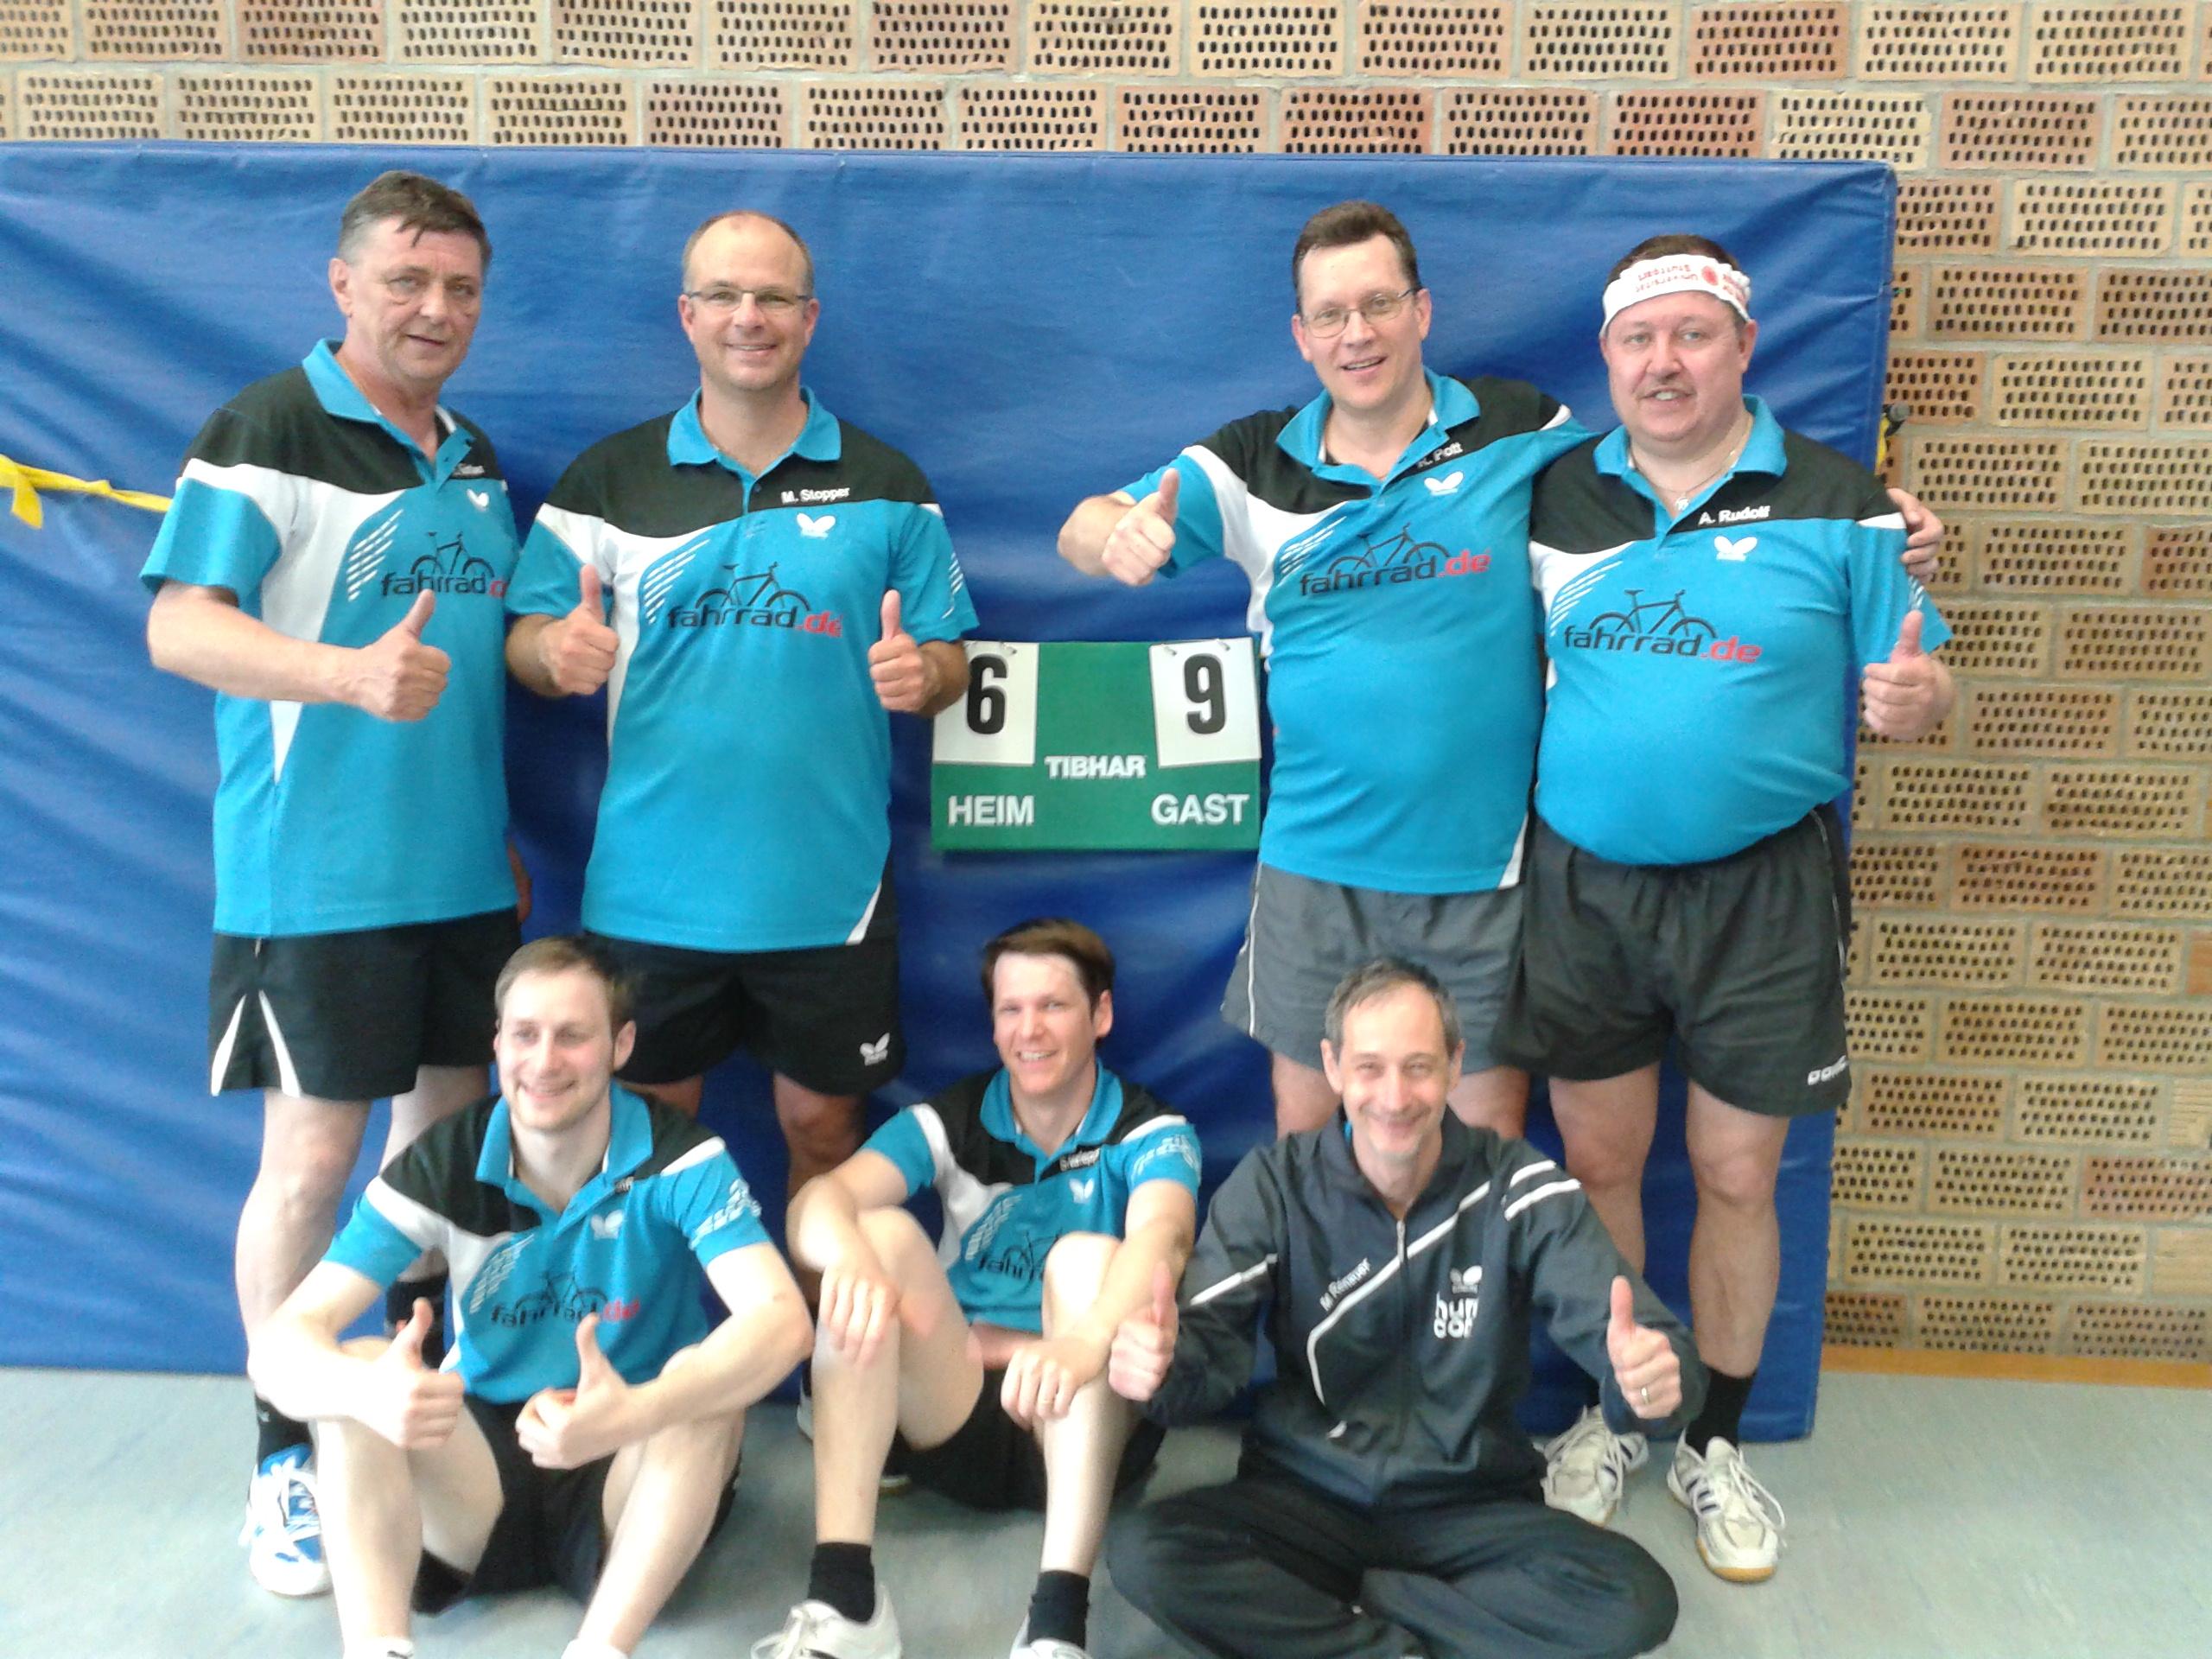 Herren 4 sind Meister der Kreisklasse B ! 9:6 Sieg beim TV Reichenbach 2 !